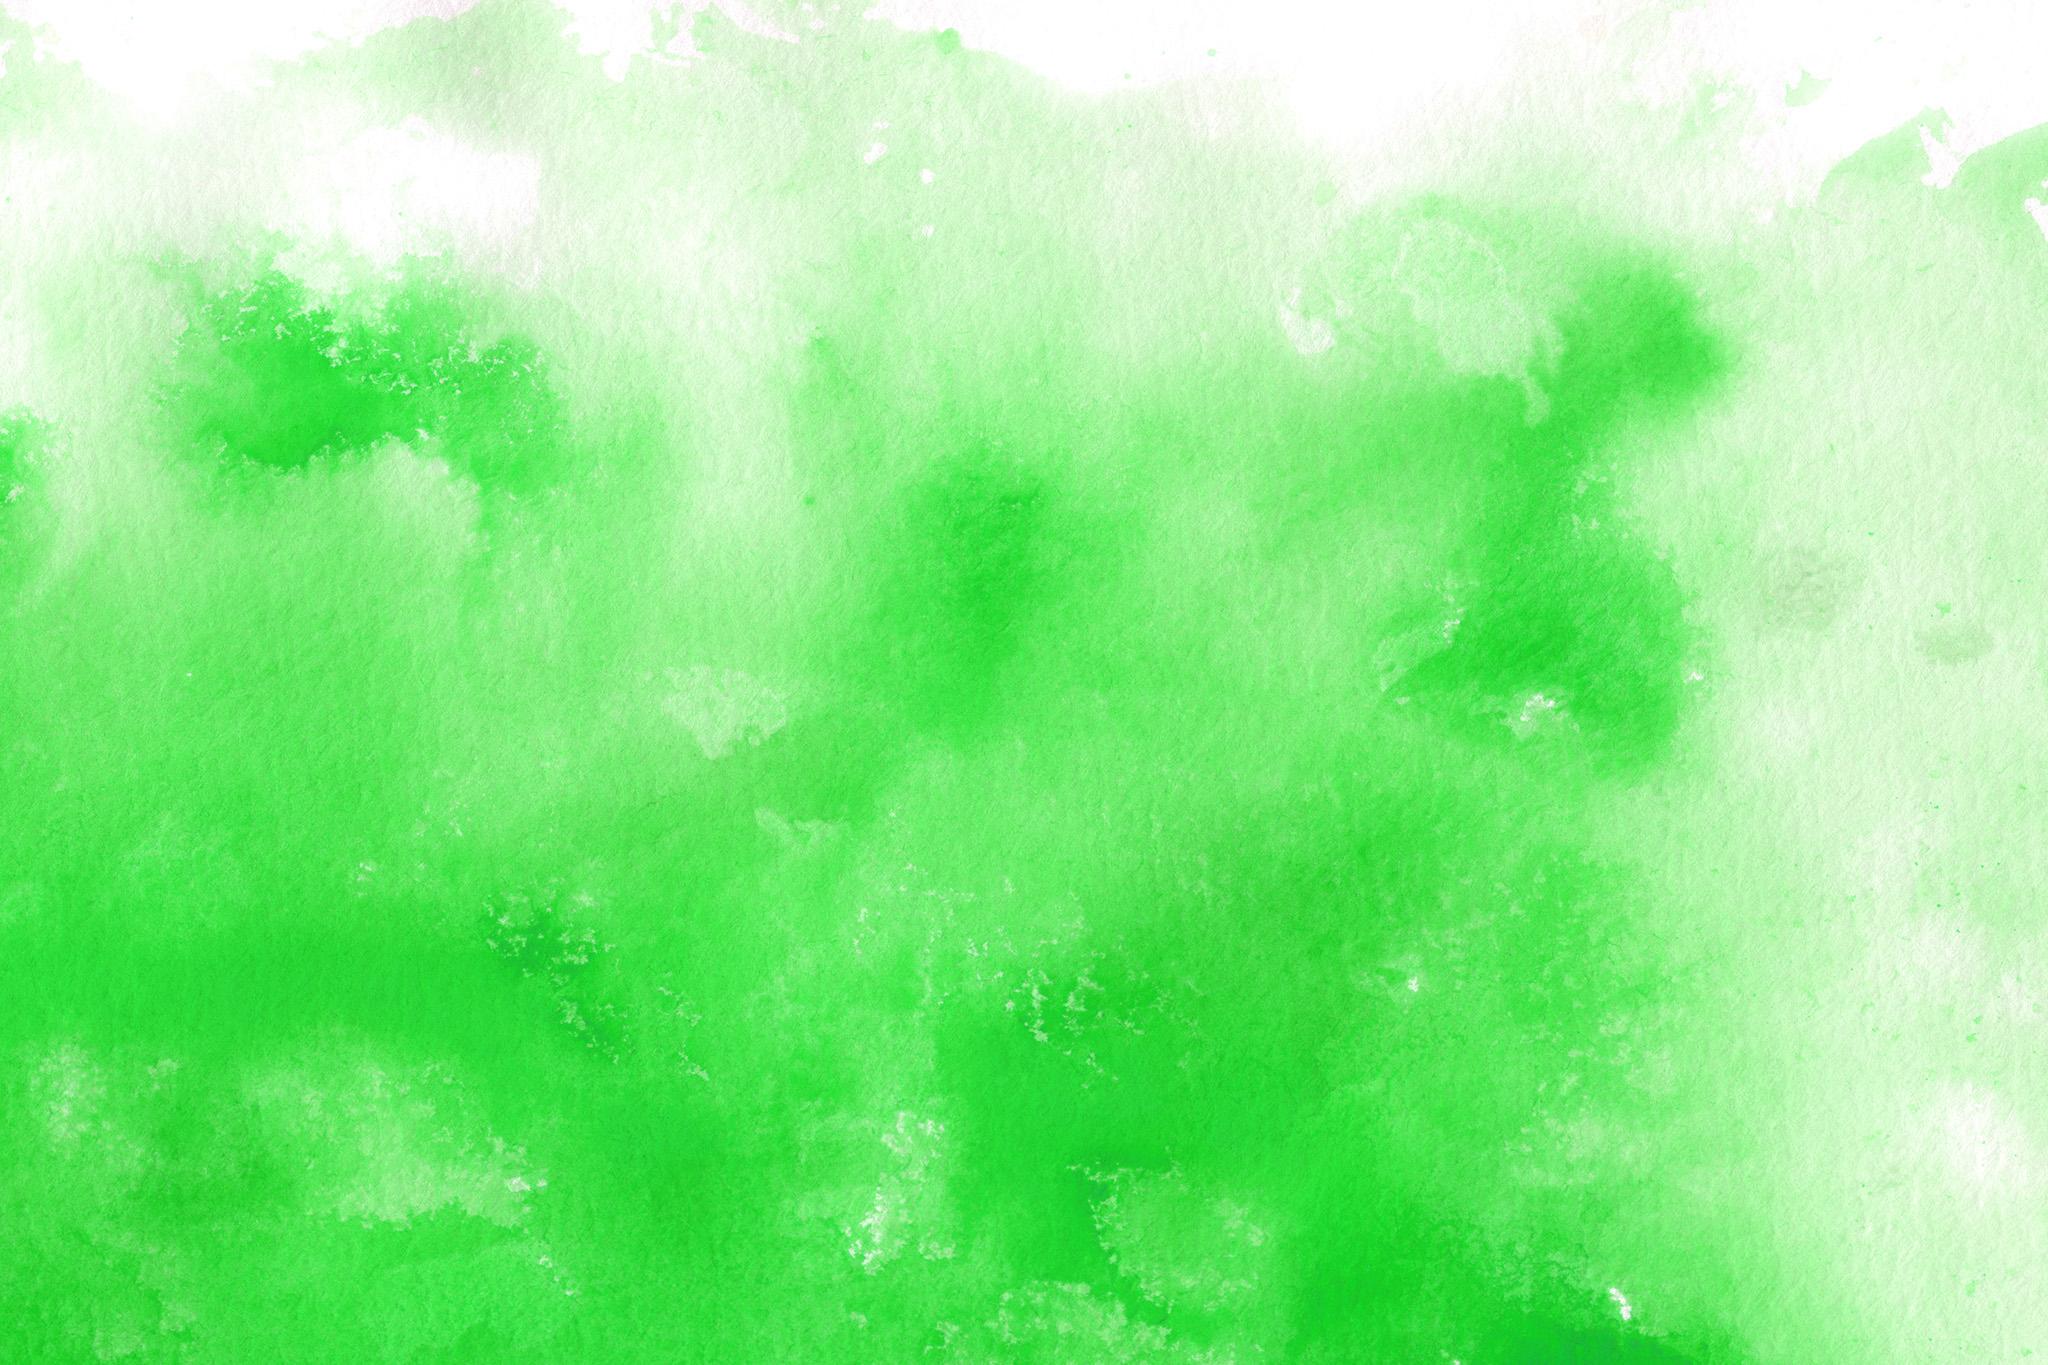 「紙に滲む鮮やかなグリーン」の素材を無料ダウンロード